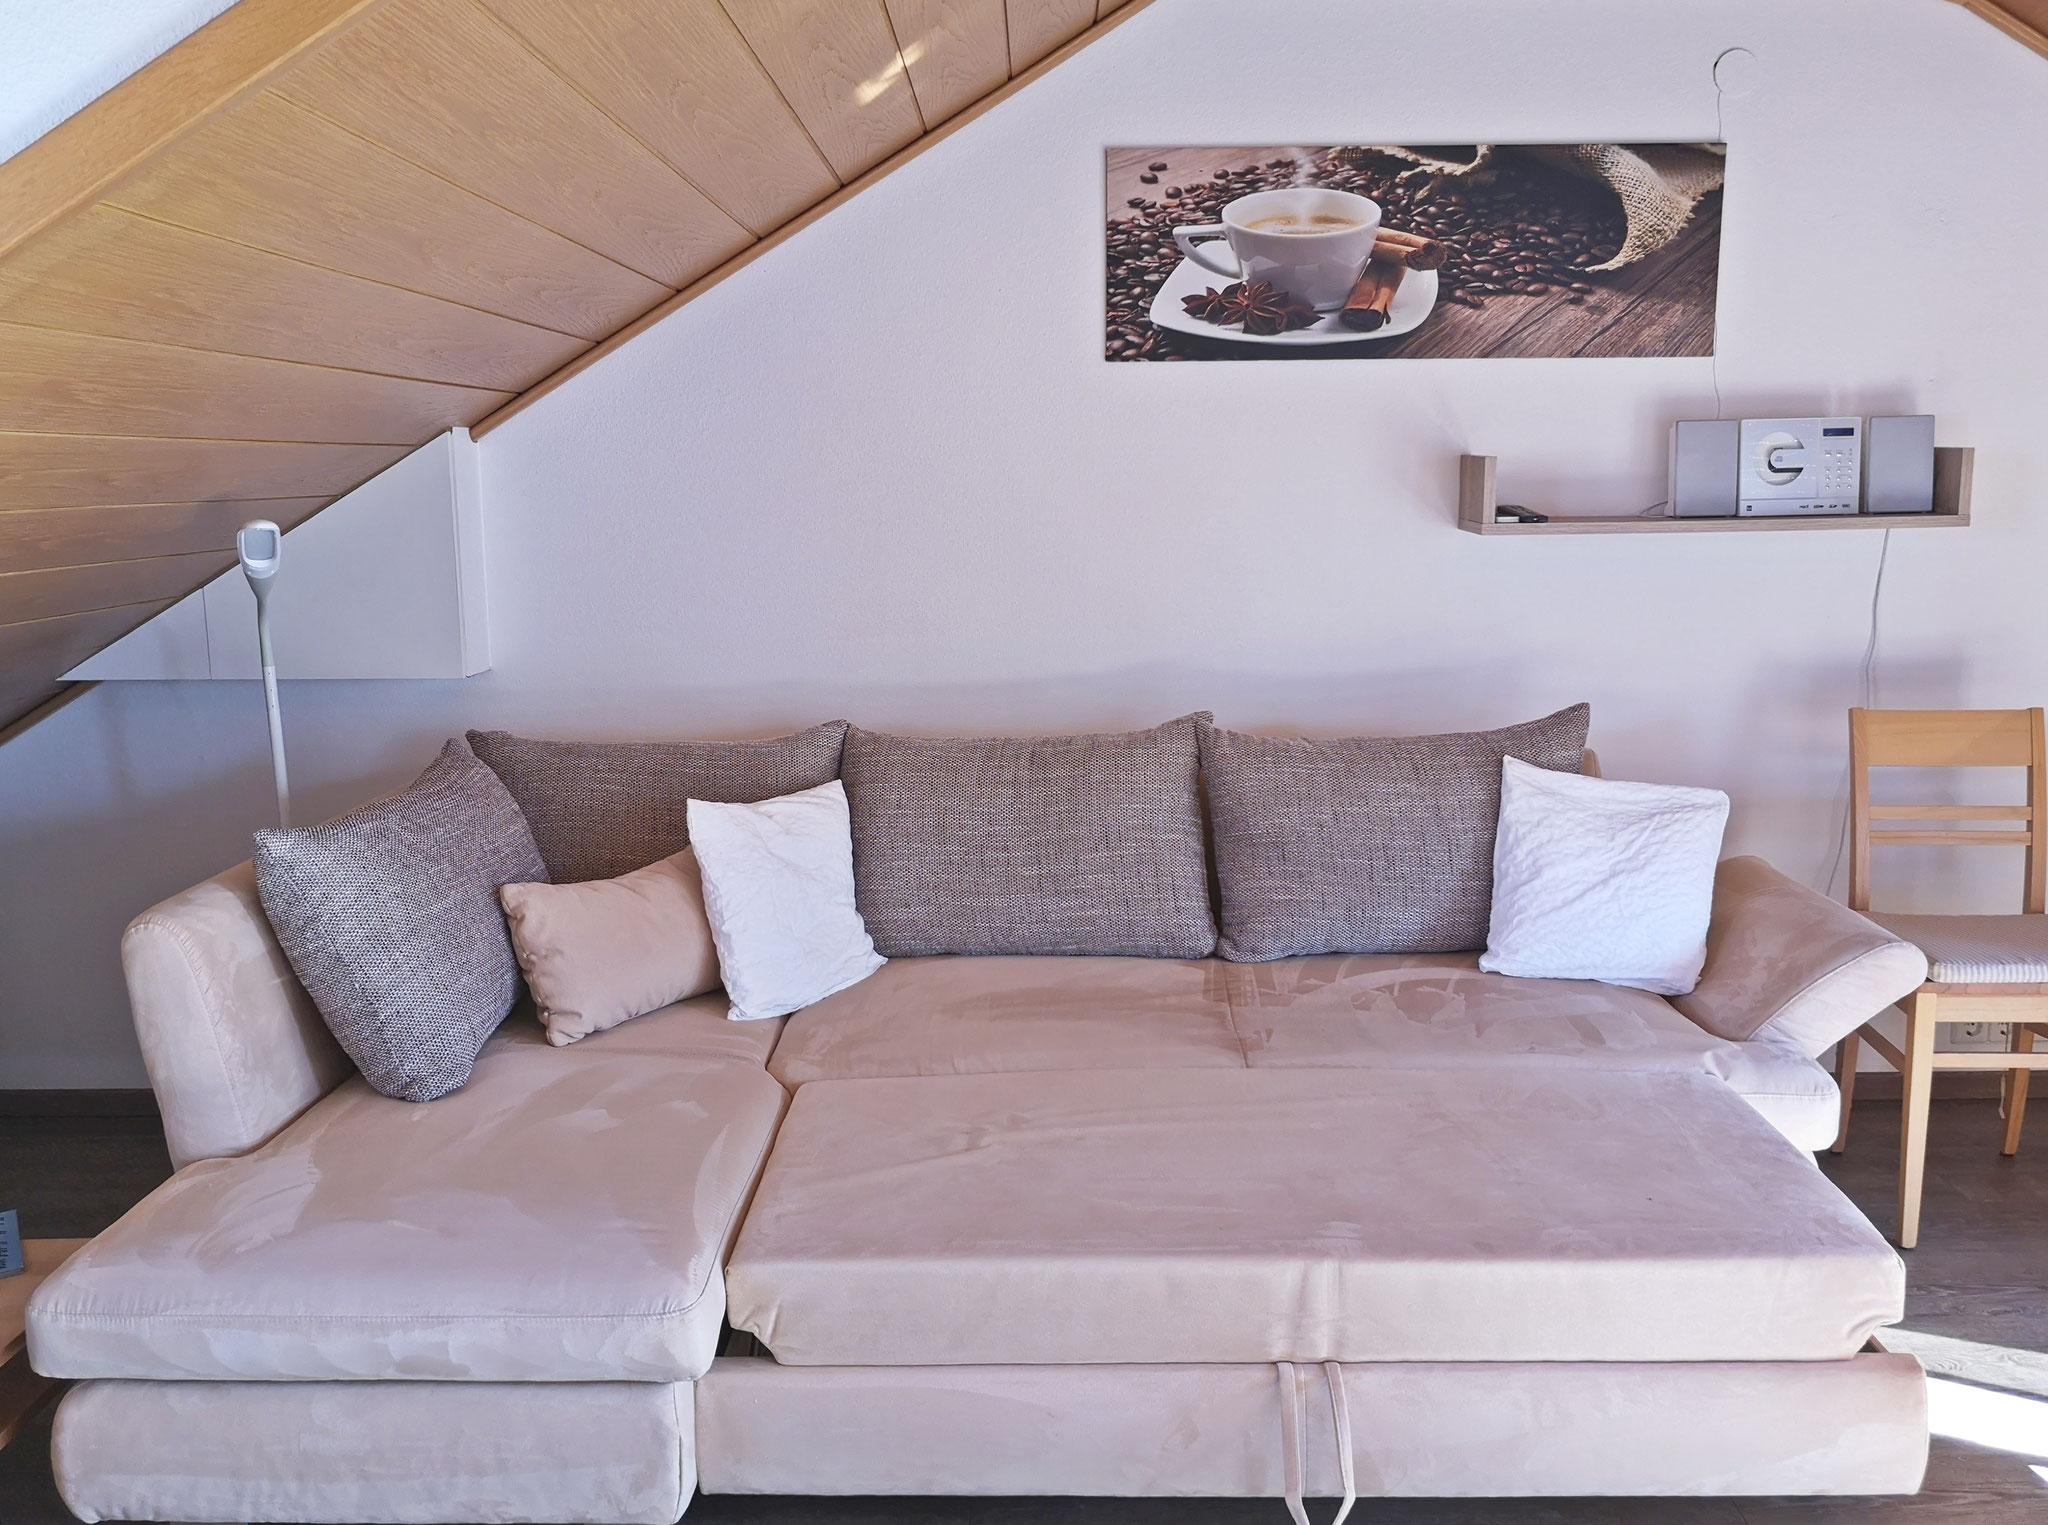 ausziehbares Sofa (zwei weitere Schlafplätze)